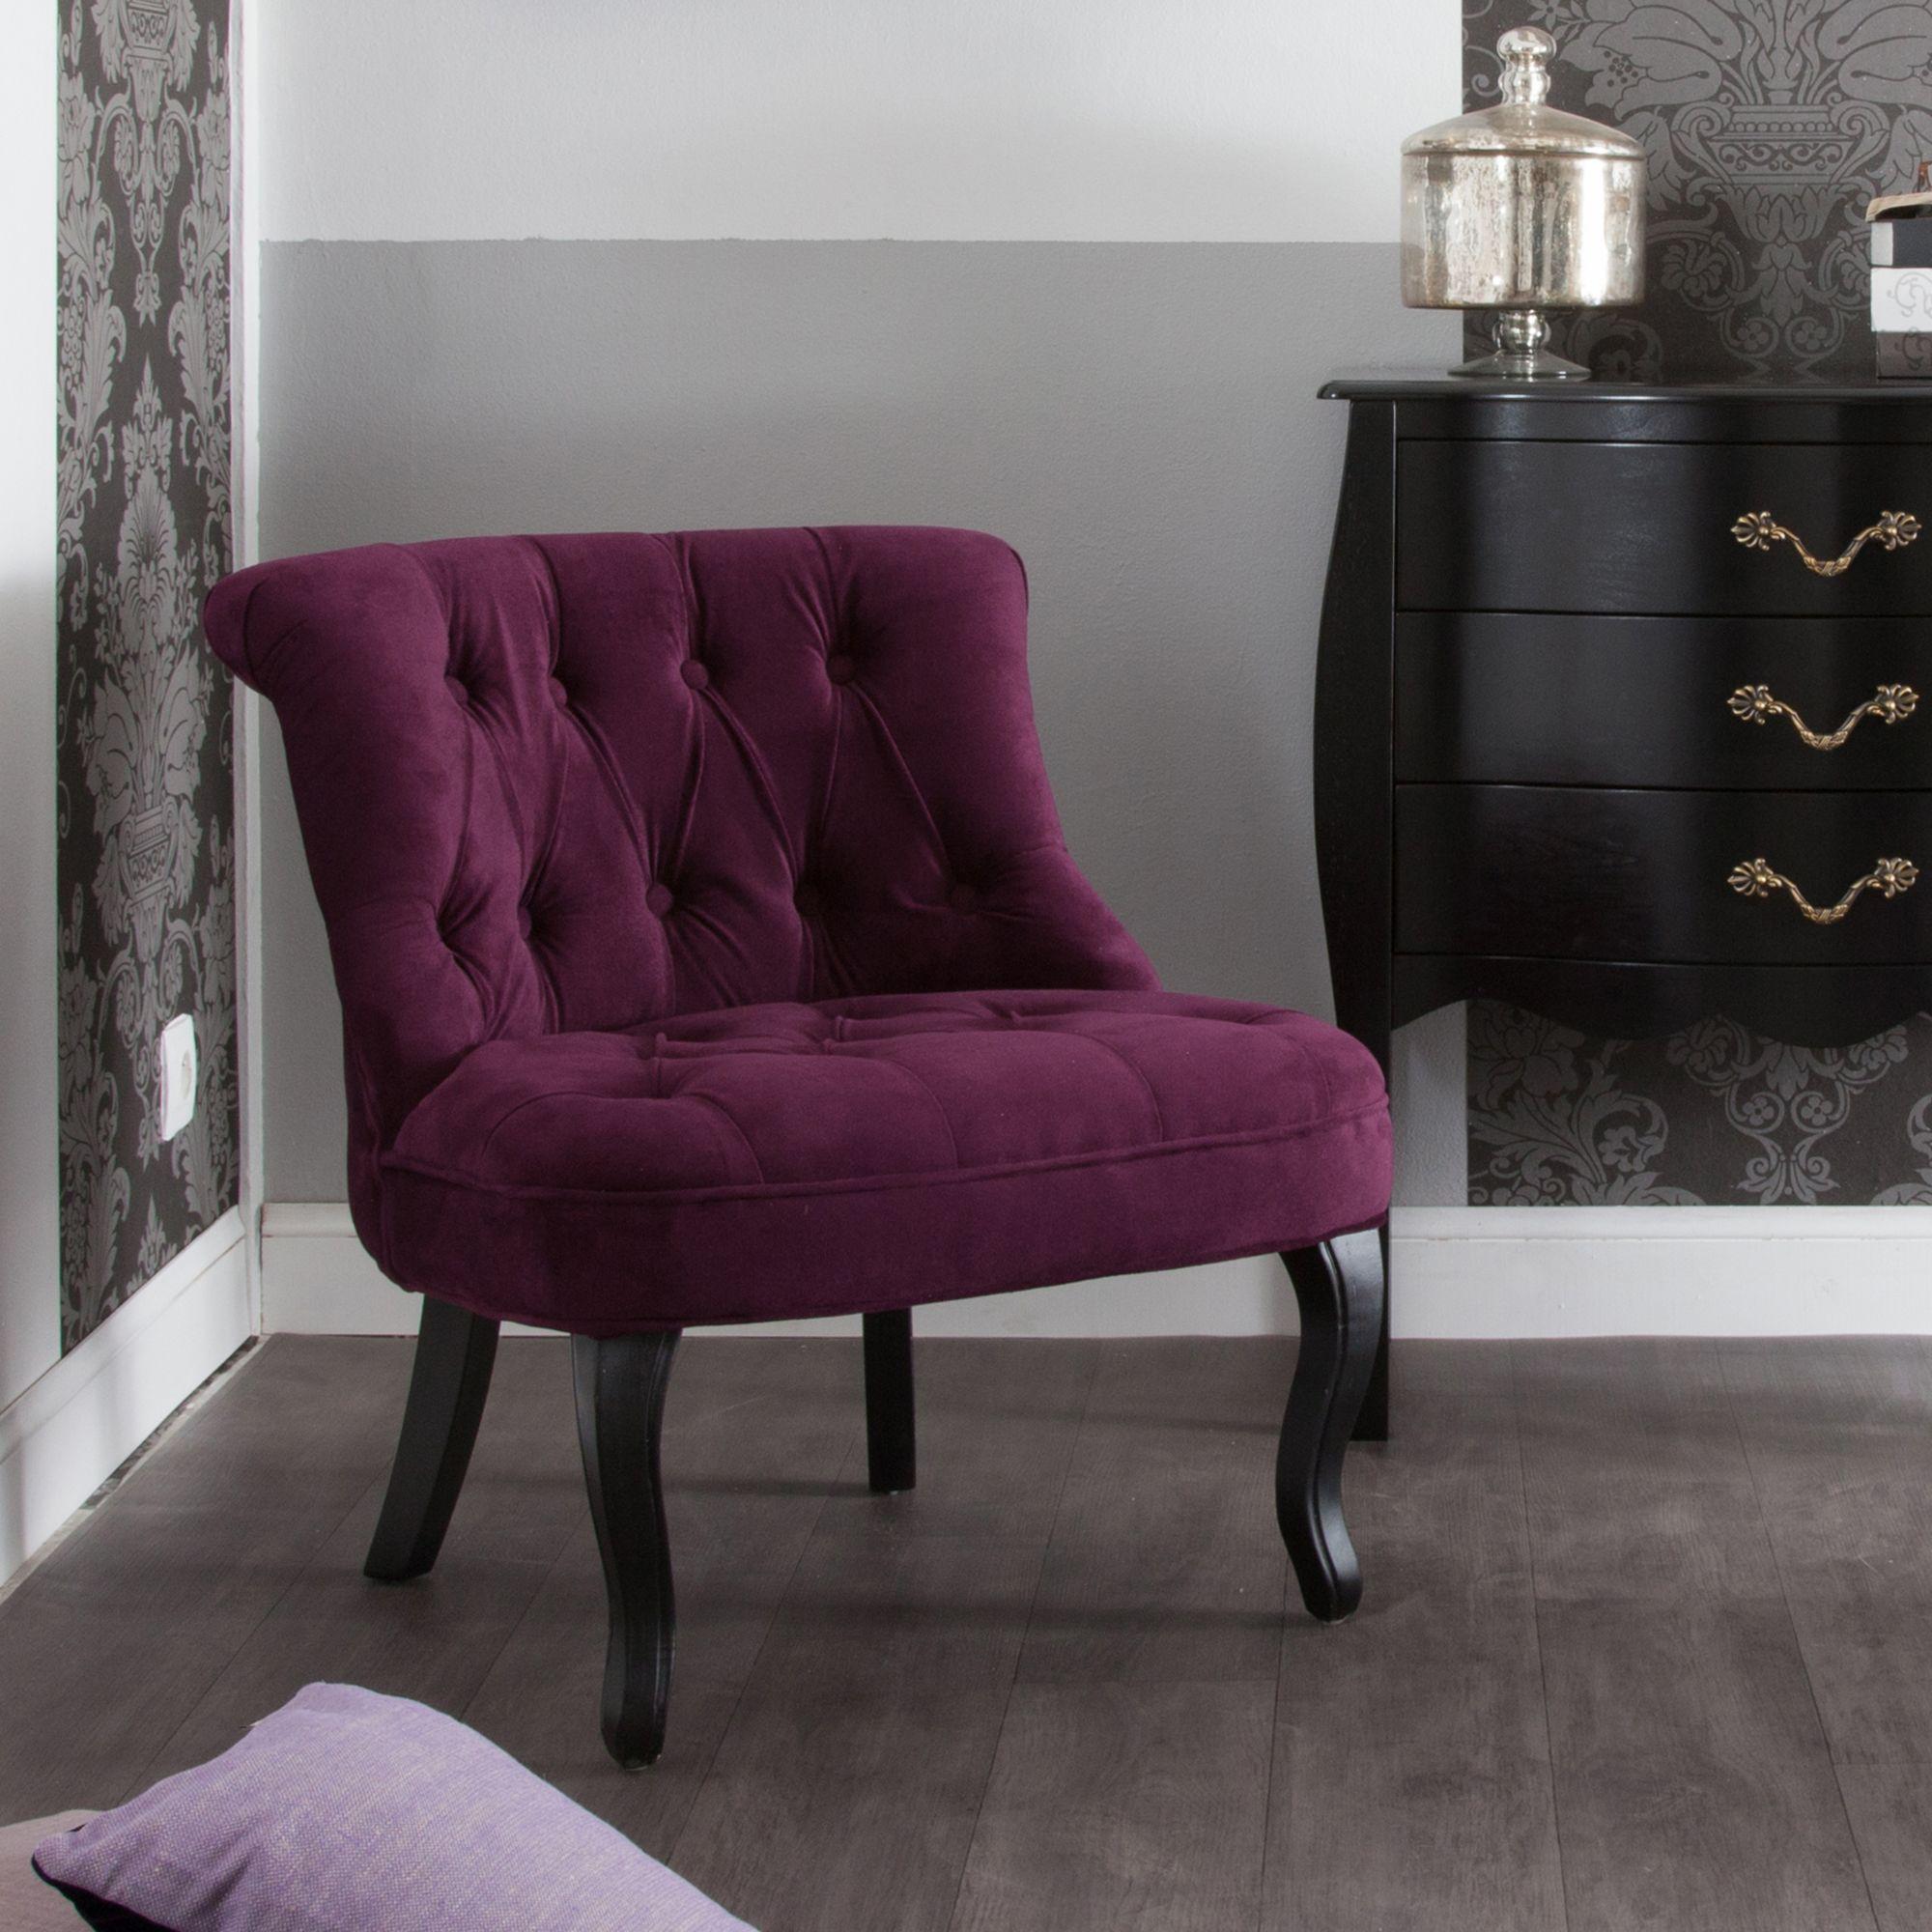 fauteuil crapaud tissu velours capitonn avec pieds bois danny chez baroque. Black Bedroom Furniture Sets. Home Design Ideas